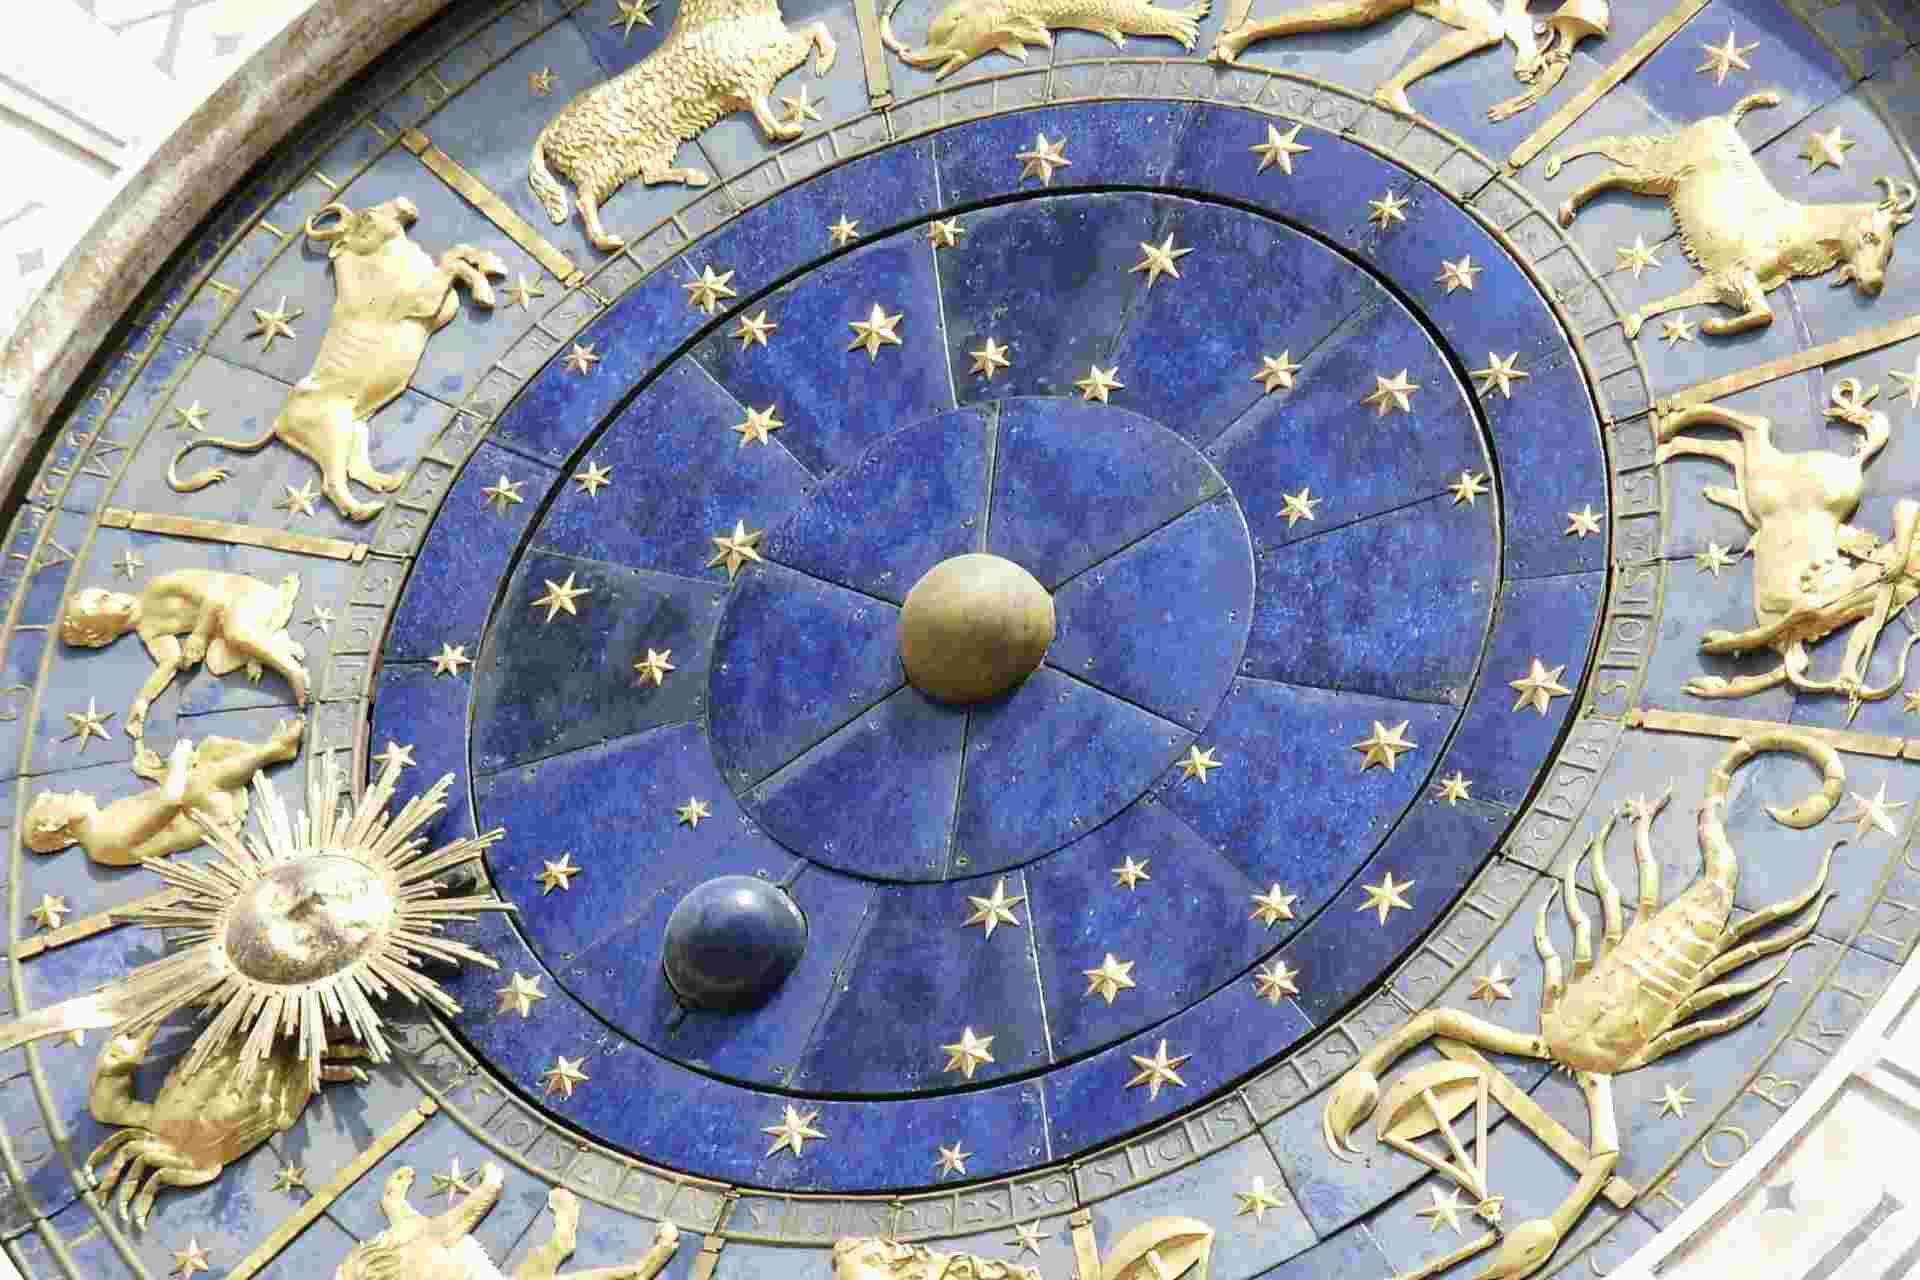 Un reloj con todos los símbolos del horóscopo, representados por su figura correspondiente